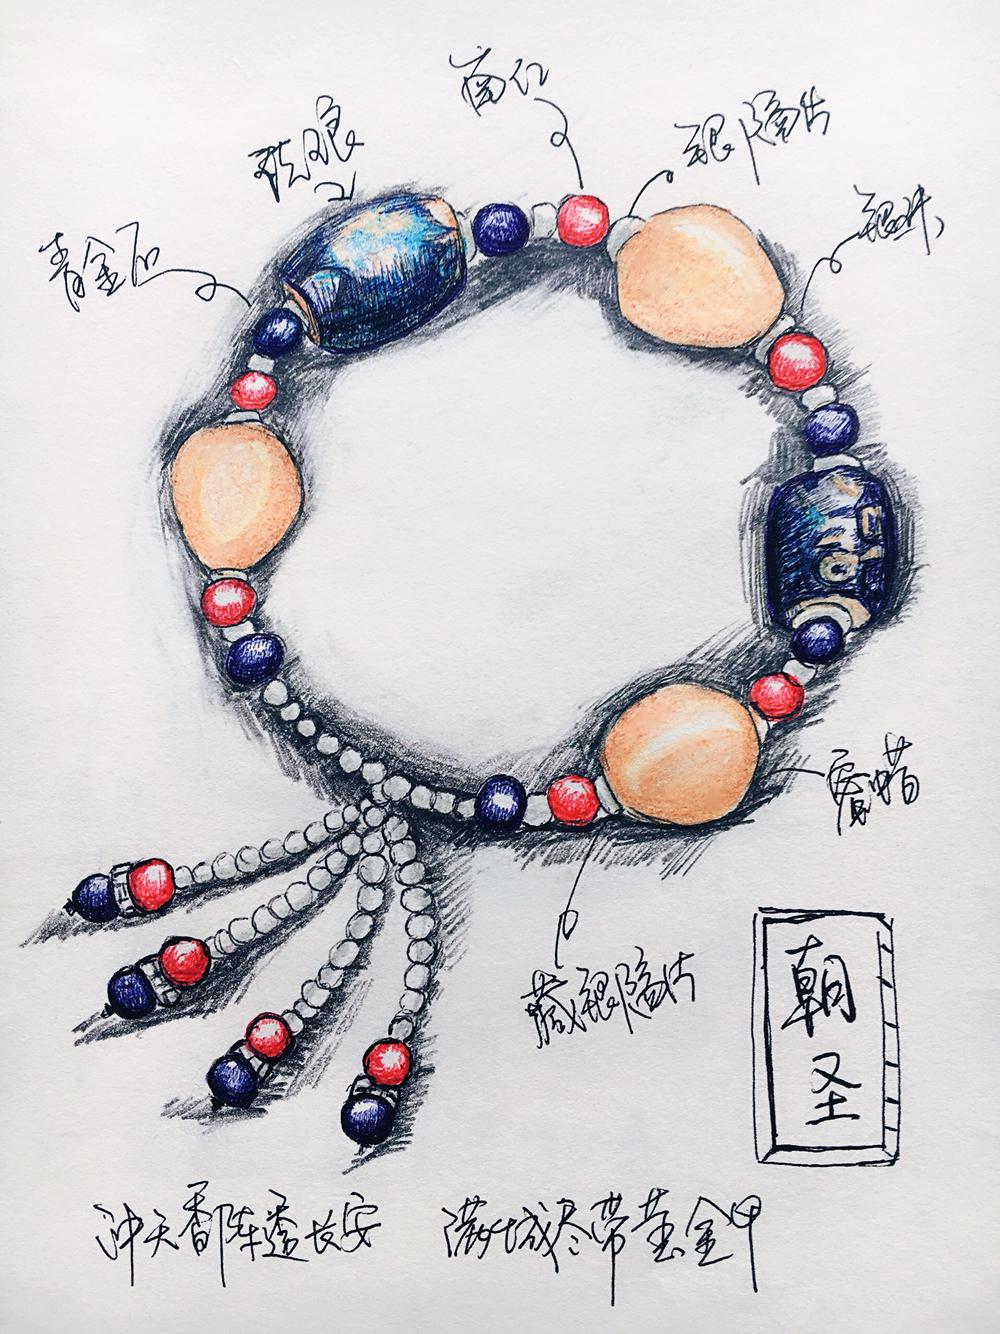 原创手绘晶石手链